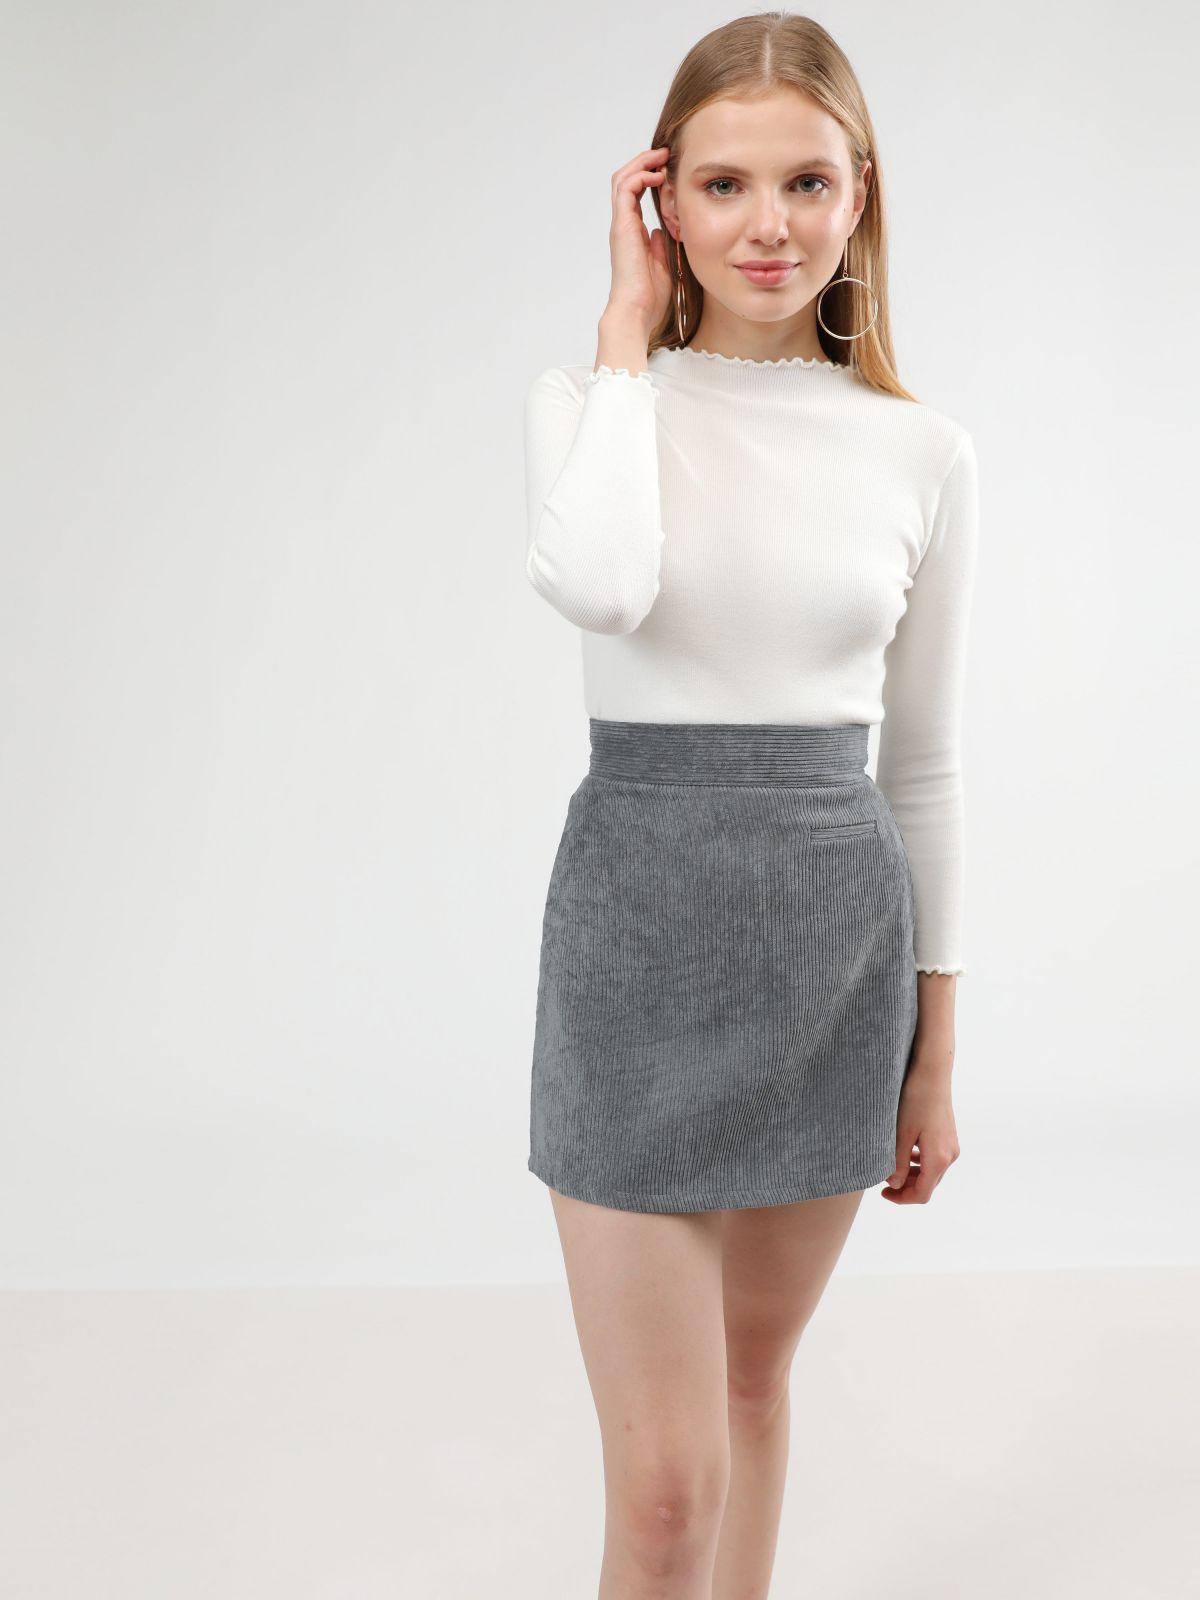 חצאית מיני קורדורויחצאית מיני קורדורוי של TERMINAL X